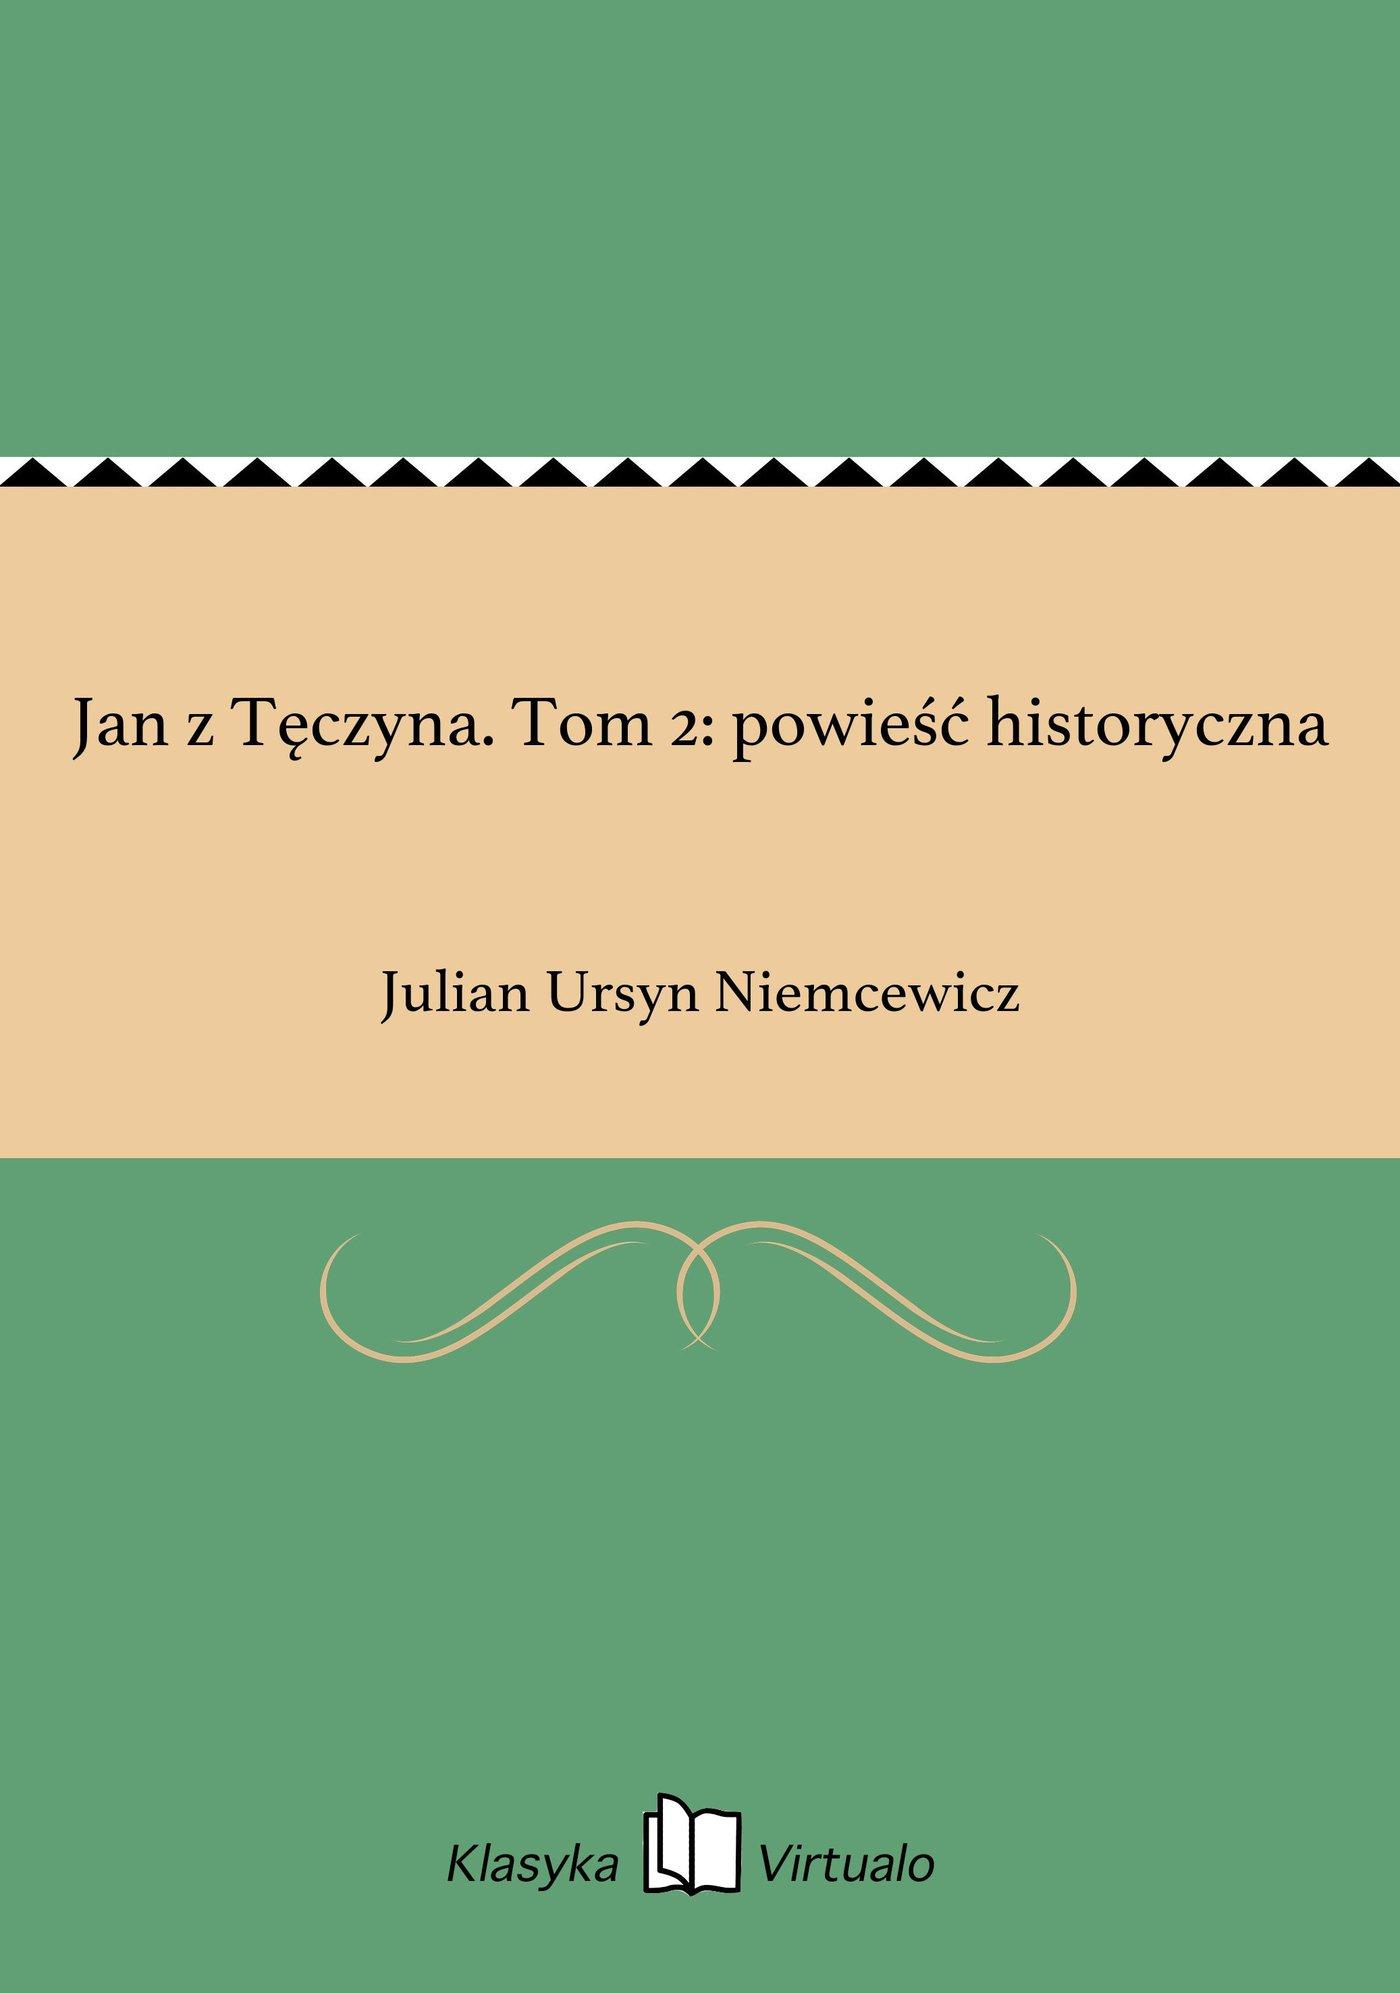 Jan z Tęczyna. Tom 2: powieść historyczna - Ebook (Książka EPUB) do pobrania w formacie EPUB